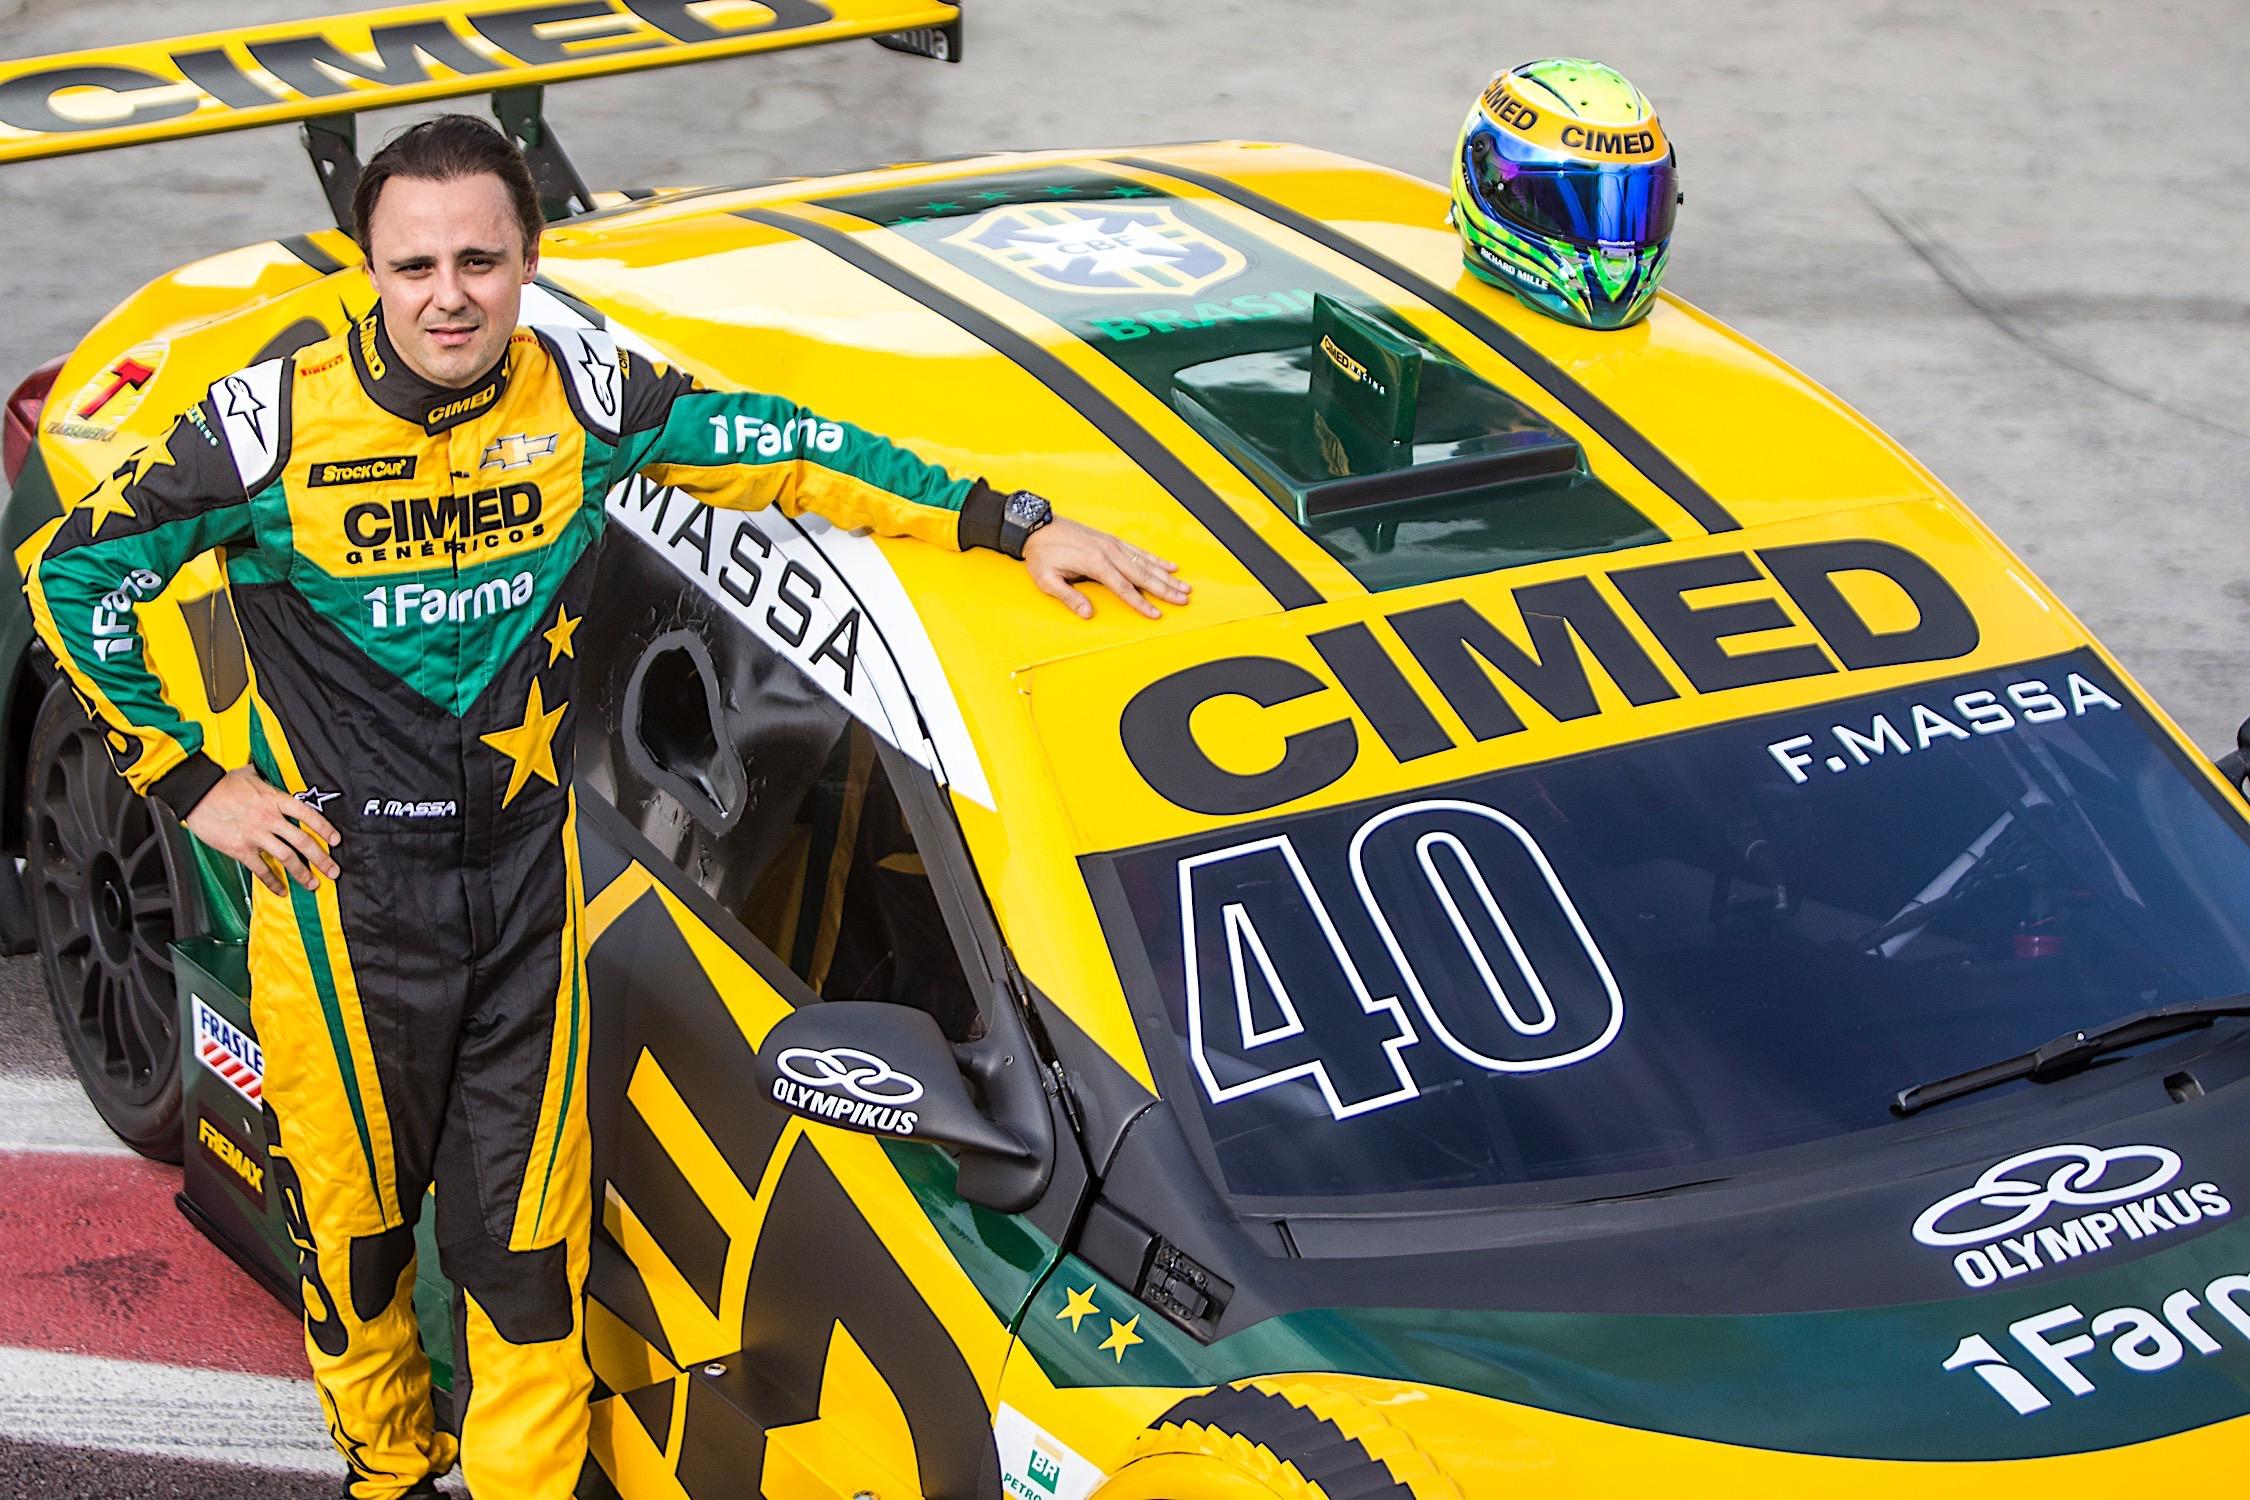 Photo of Stock Car – Felipe Massa fará  estreia ao lado de Cacá Bueno em prova com formato inédito em Interlagos